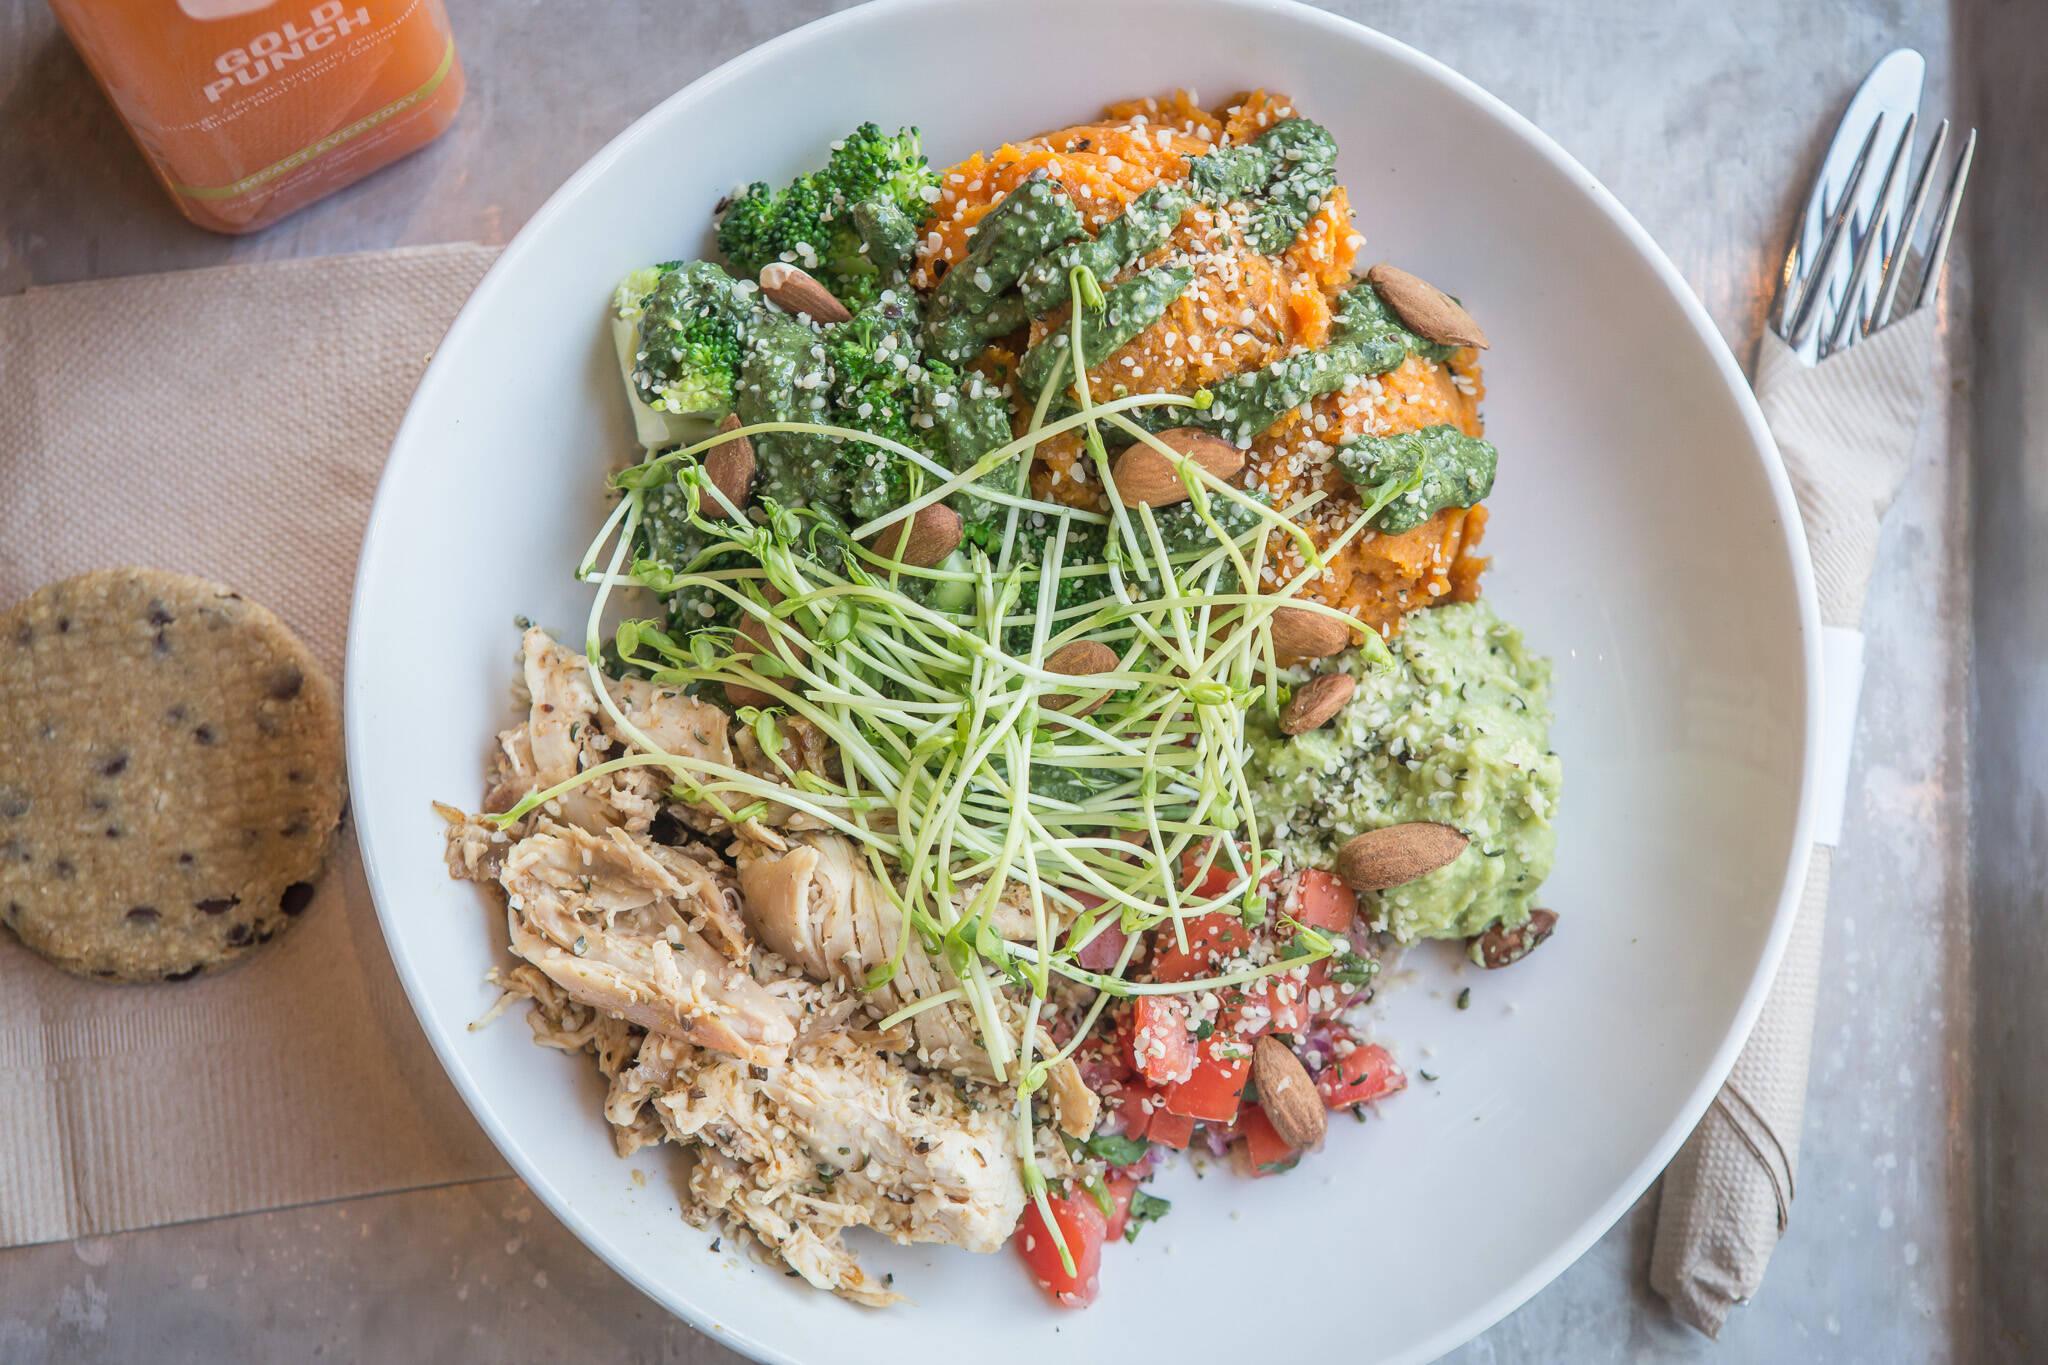 The Best Gluten Free Restaurants In Toronto